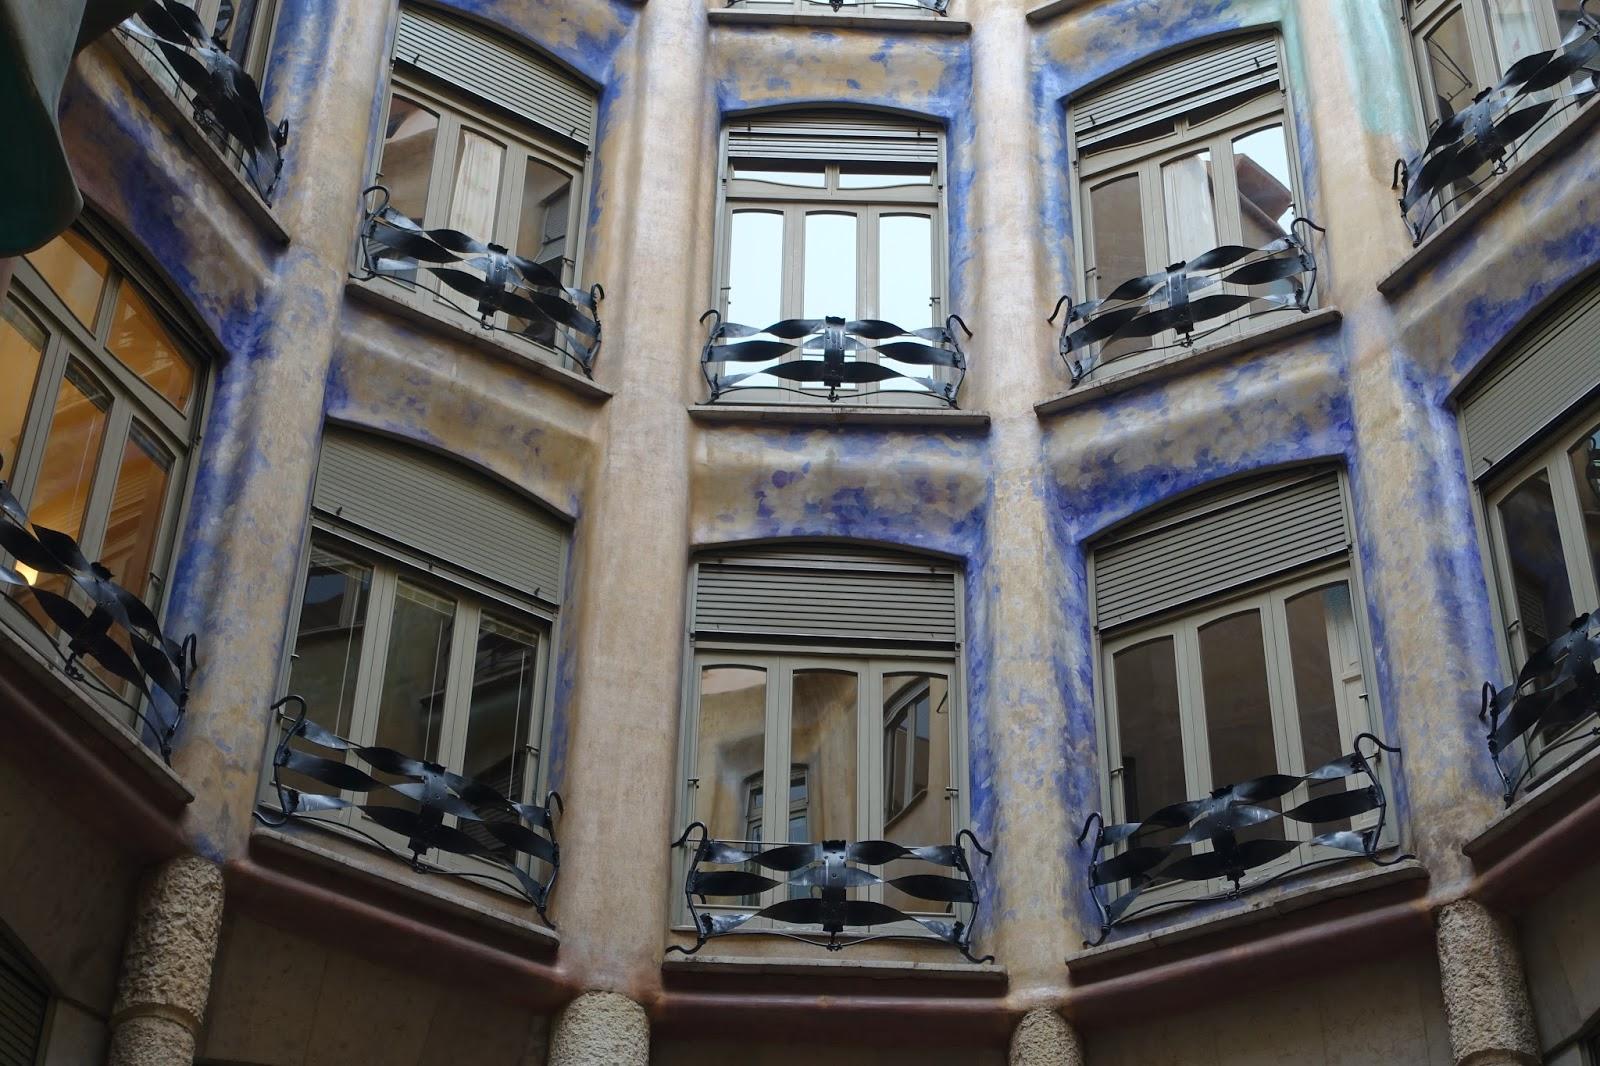 カサ・ミラ(Casa Milà) 窓枠の青色